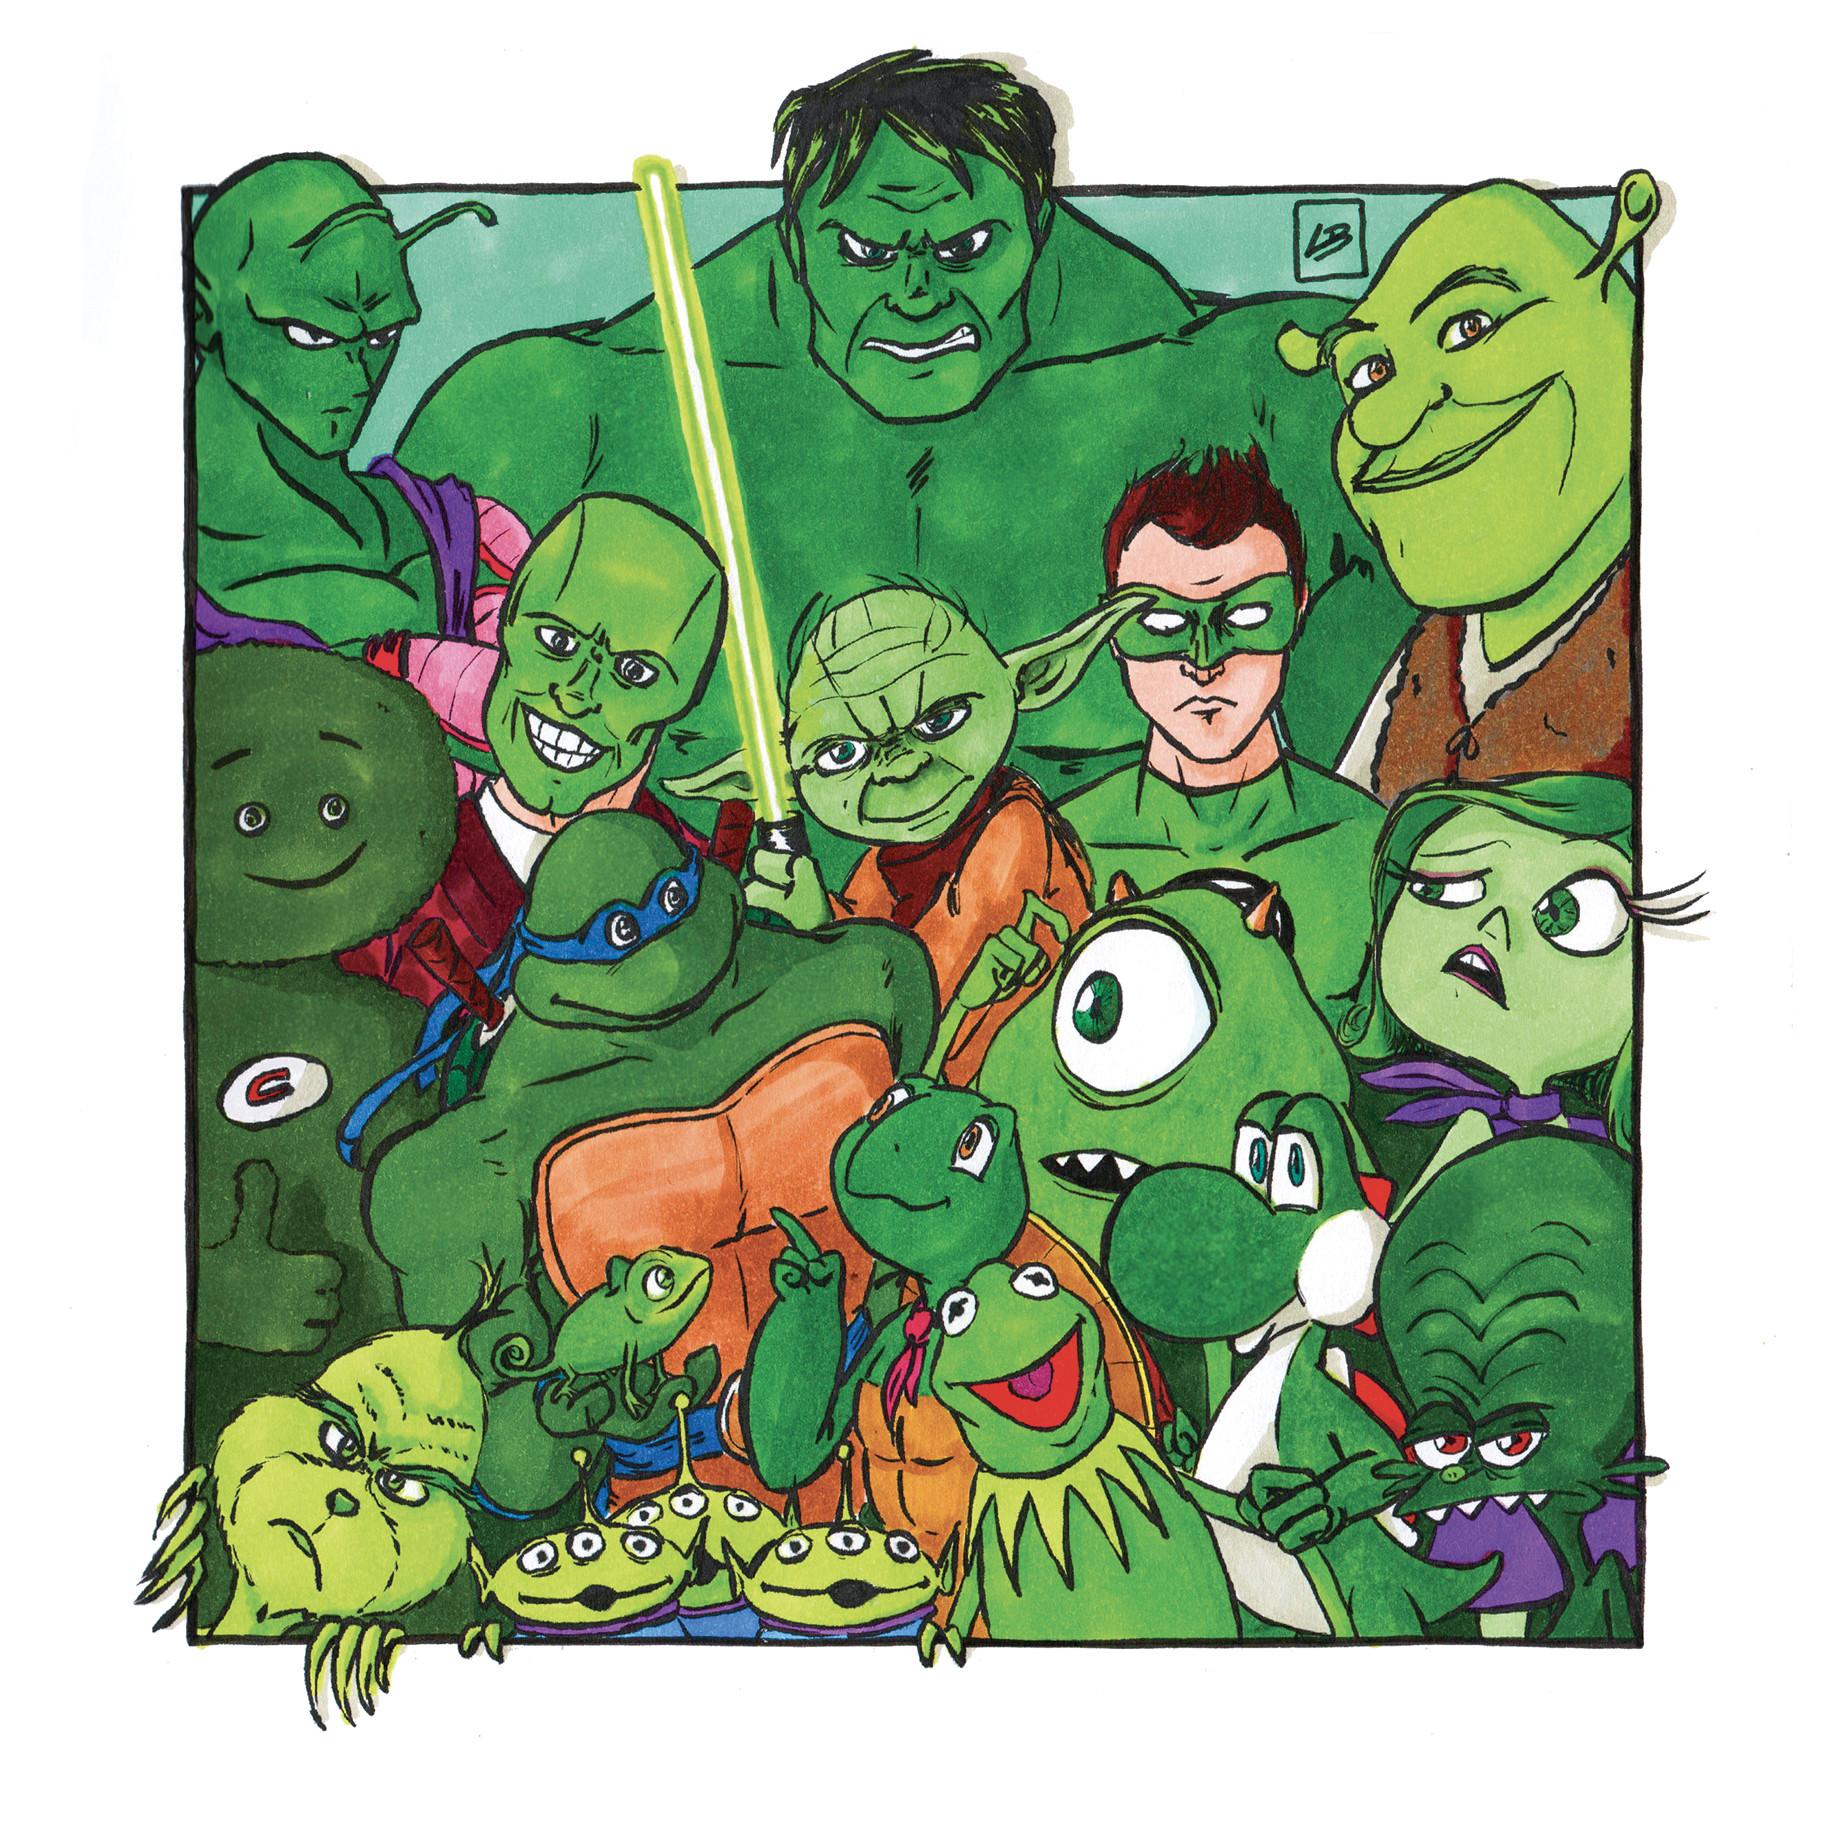 personajes cultura pop verdes